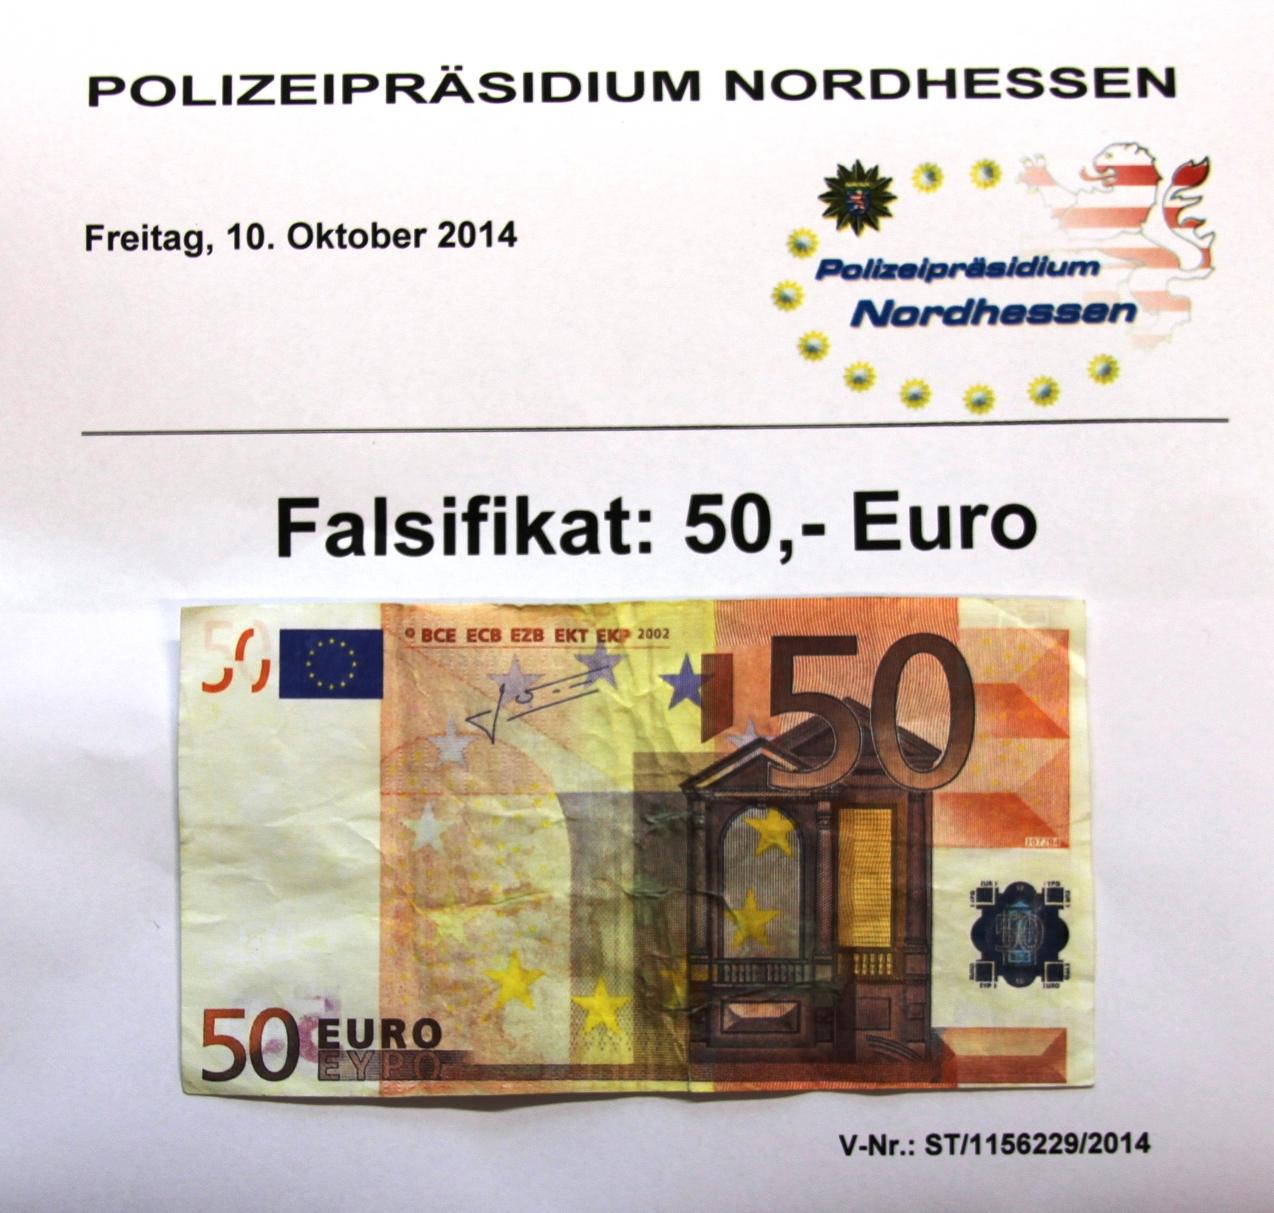 erkennung echter 50 euro schein